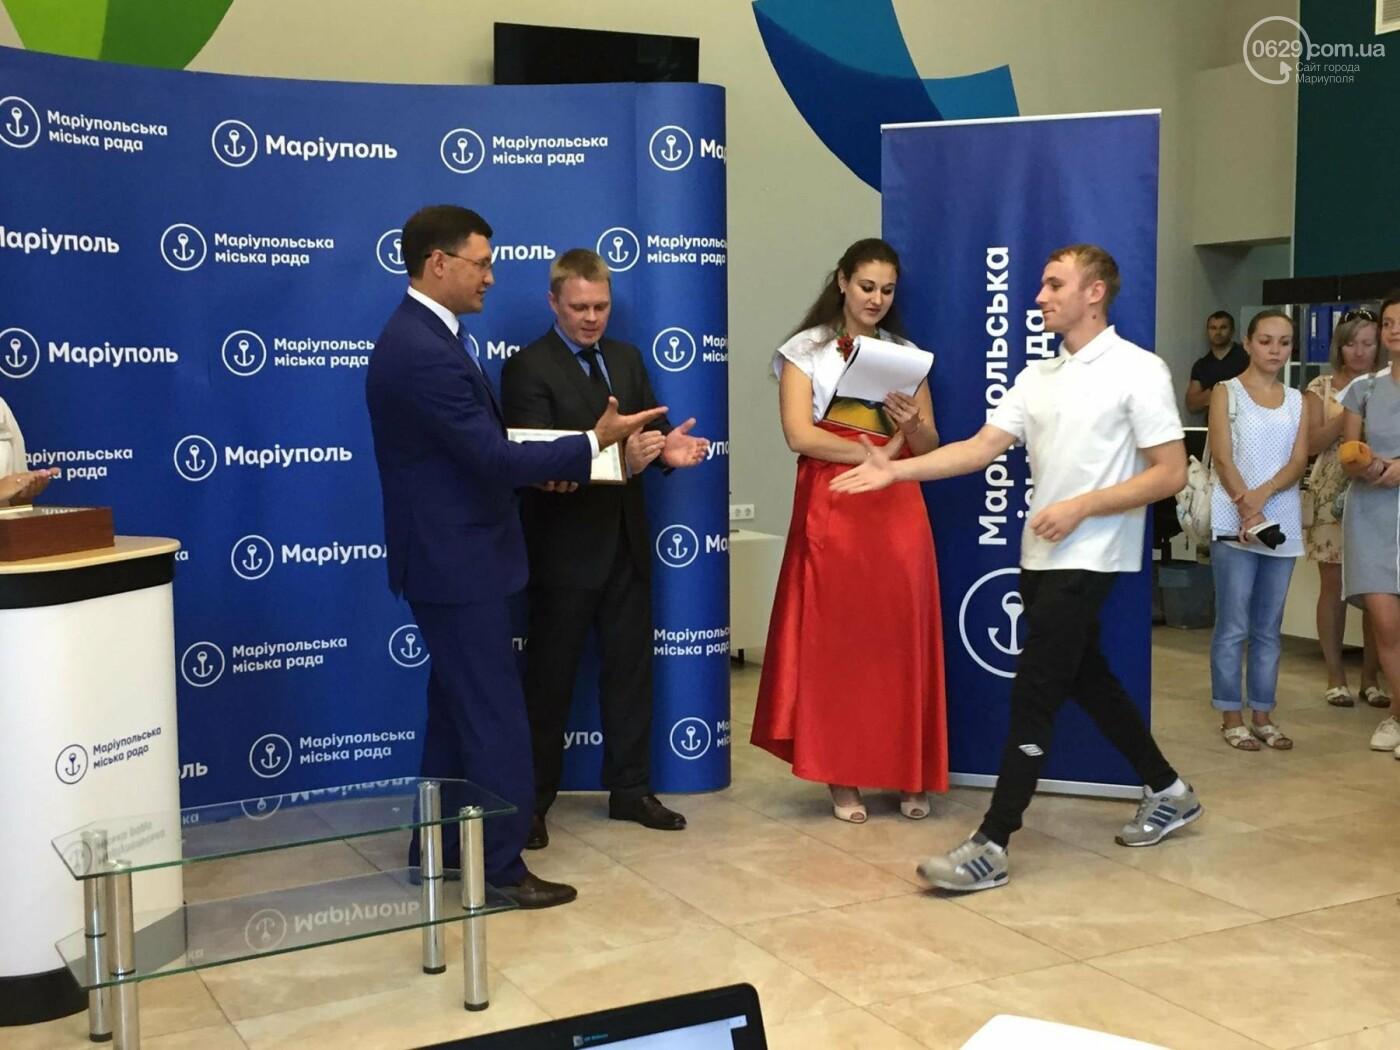 Детям-сиротам в Мариуполе вручили сертификаты на собственные квартиры,- ФОТО, ВИДЕО, фото-1